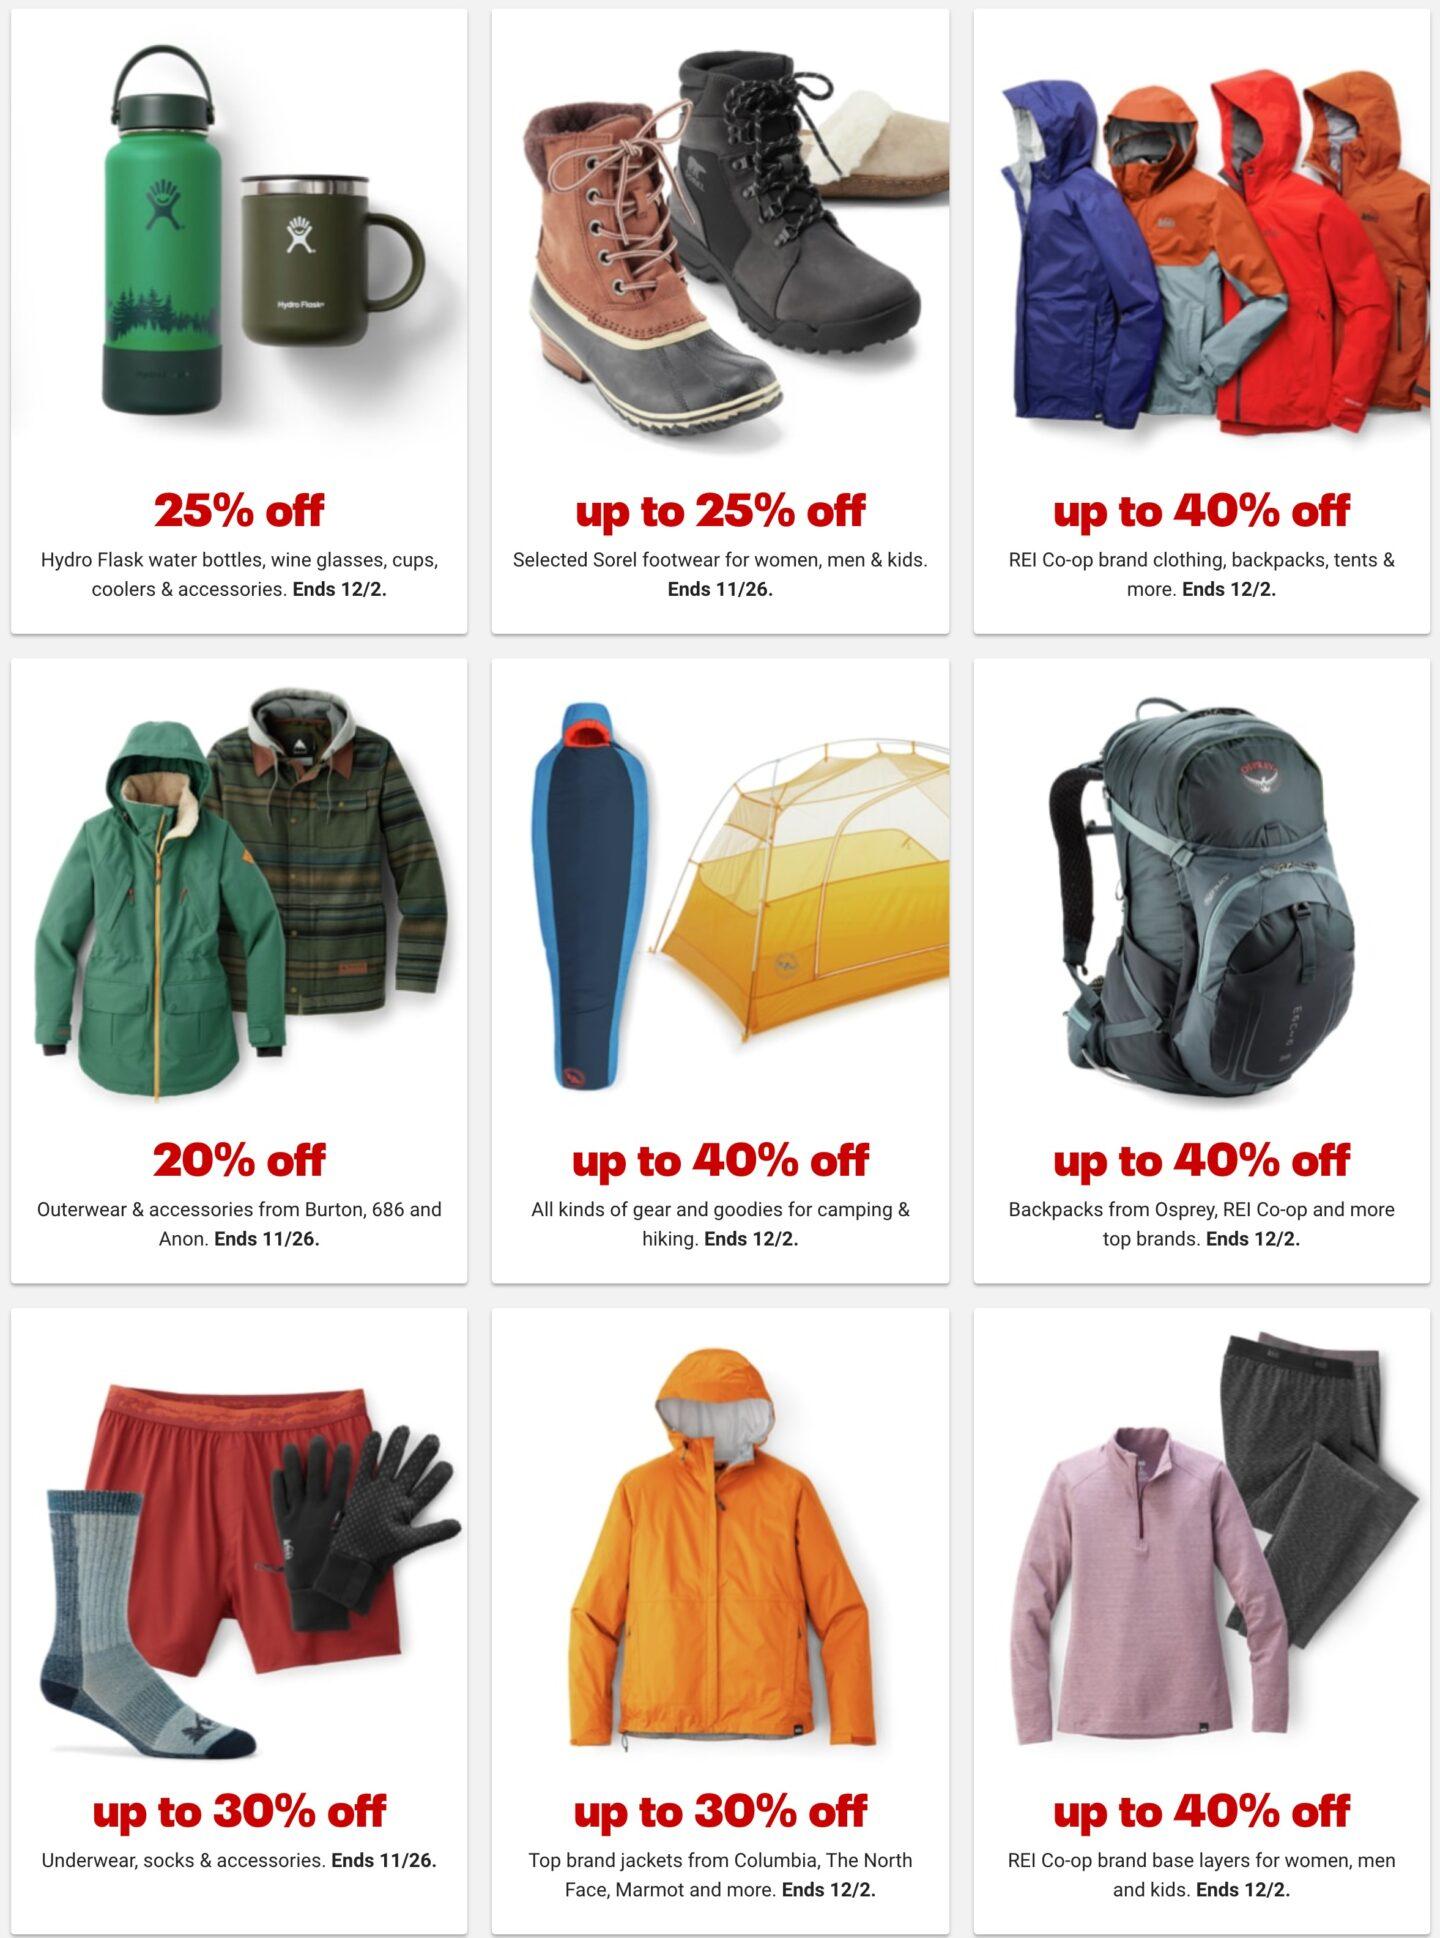 d9c725a3c low price rei north face rain jacket 027e9 fe06c